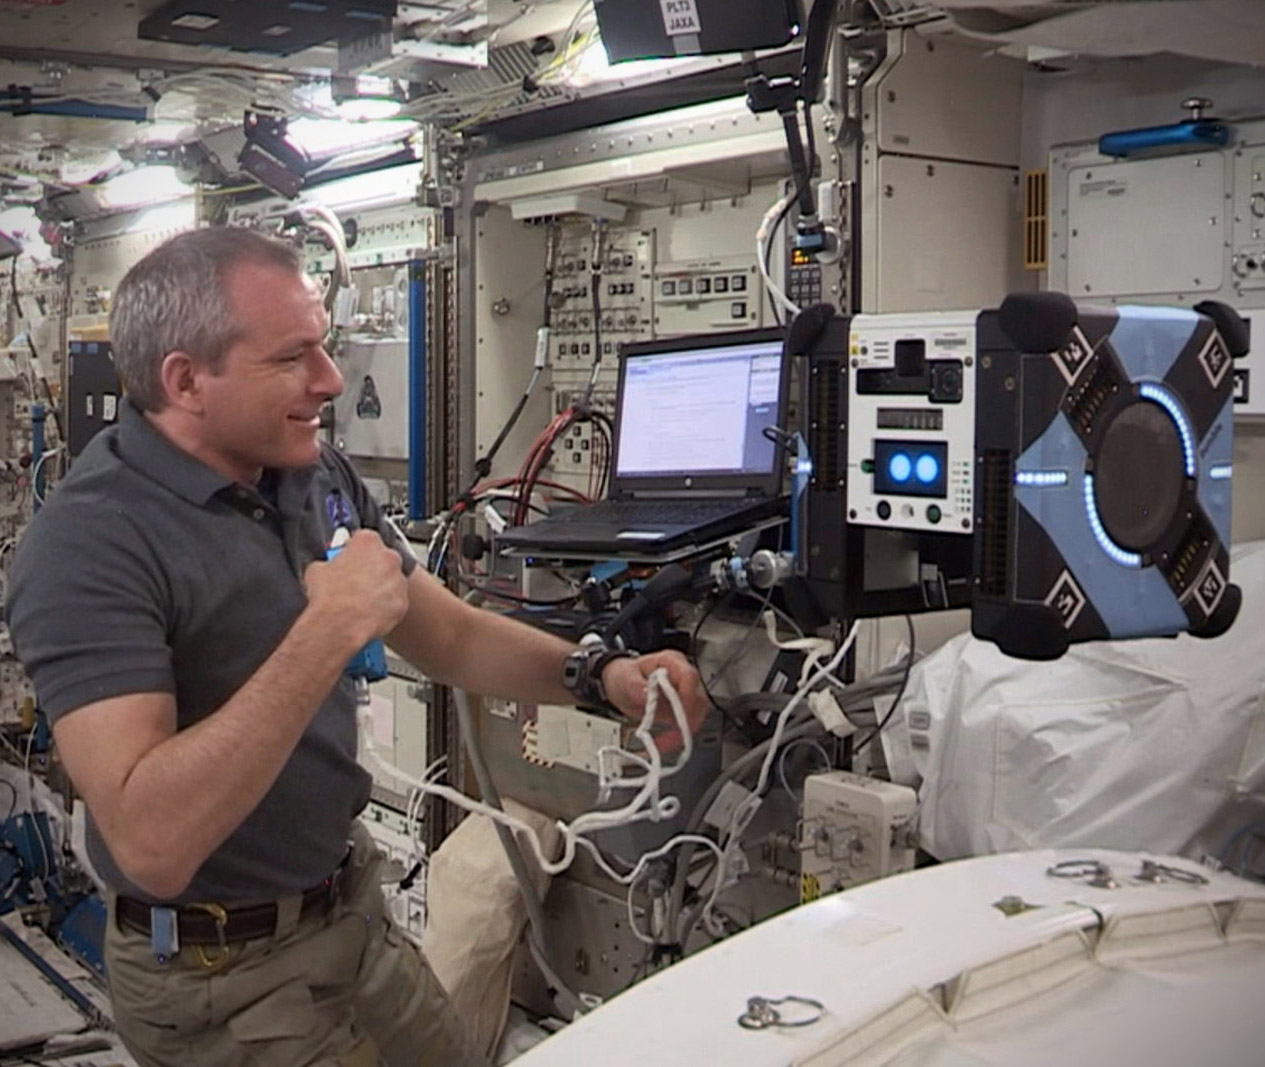 NASA Astrobee Cube Robot